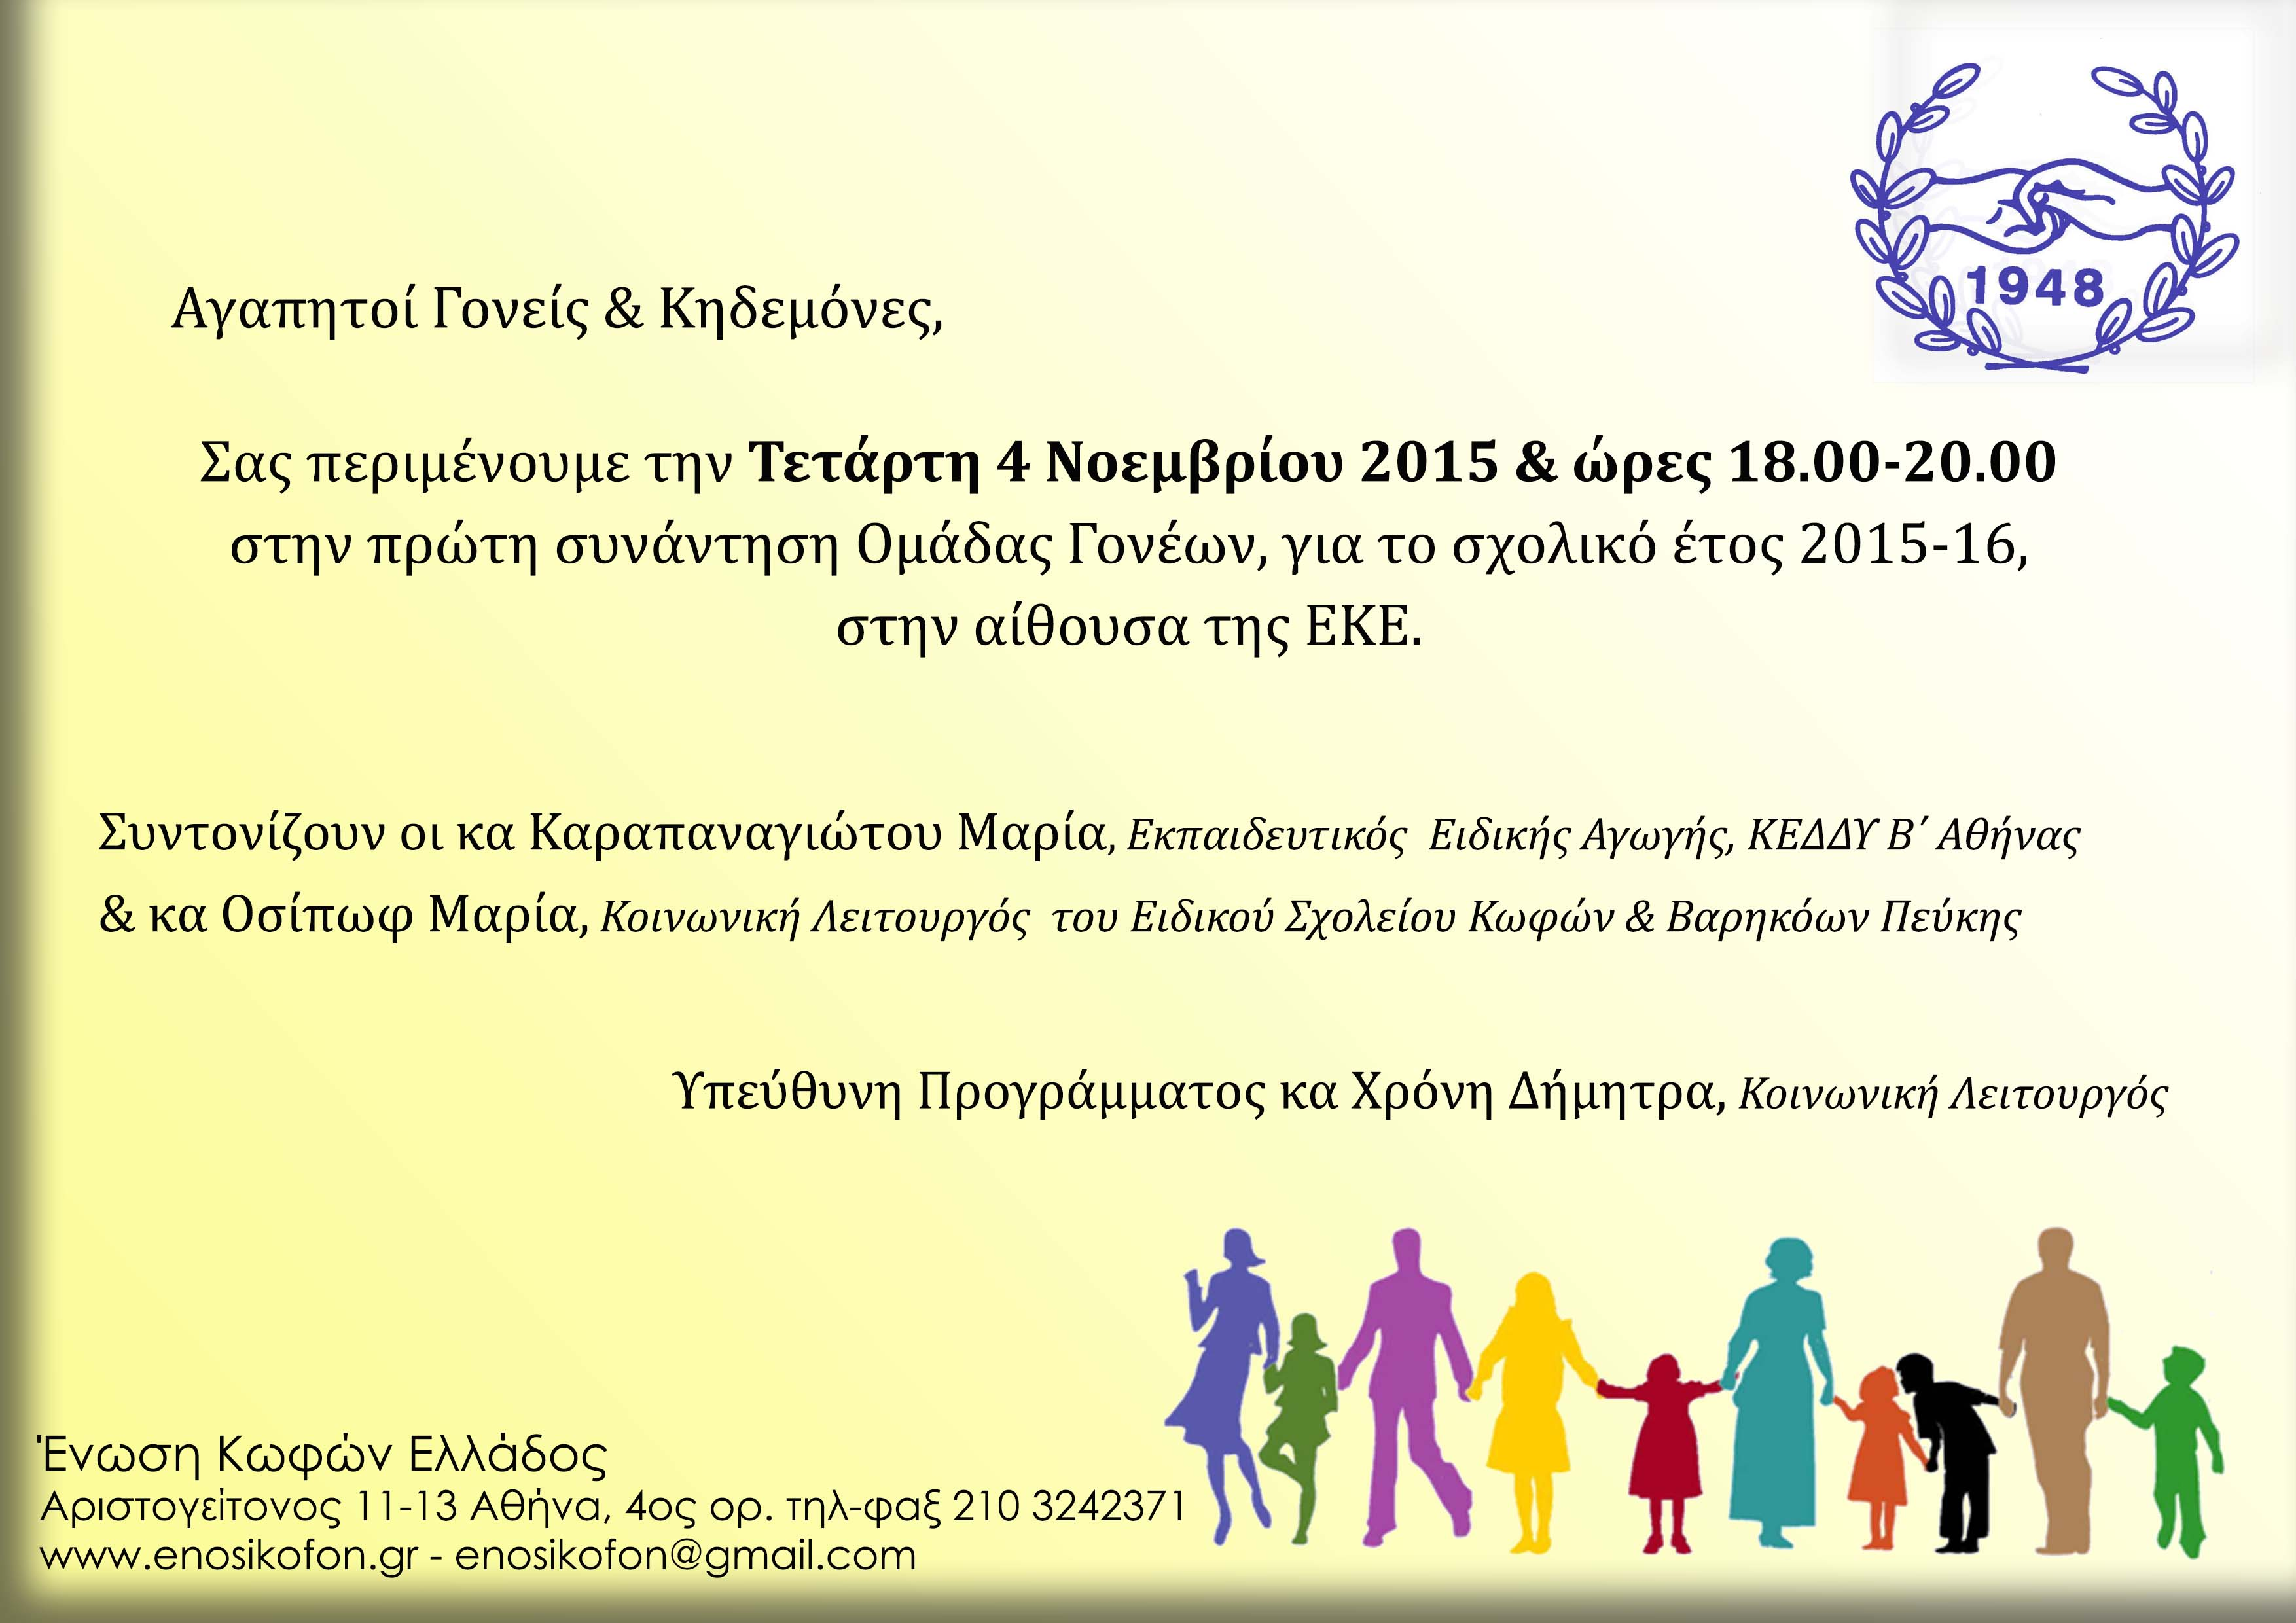 Ανακοίνωση - Ομάδα Γονέων 2015-16